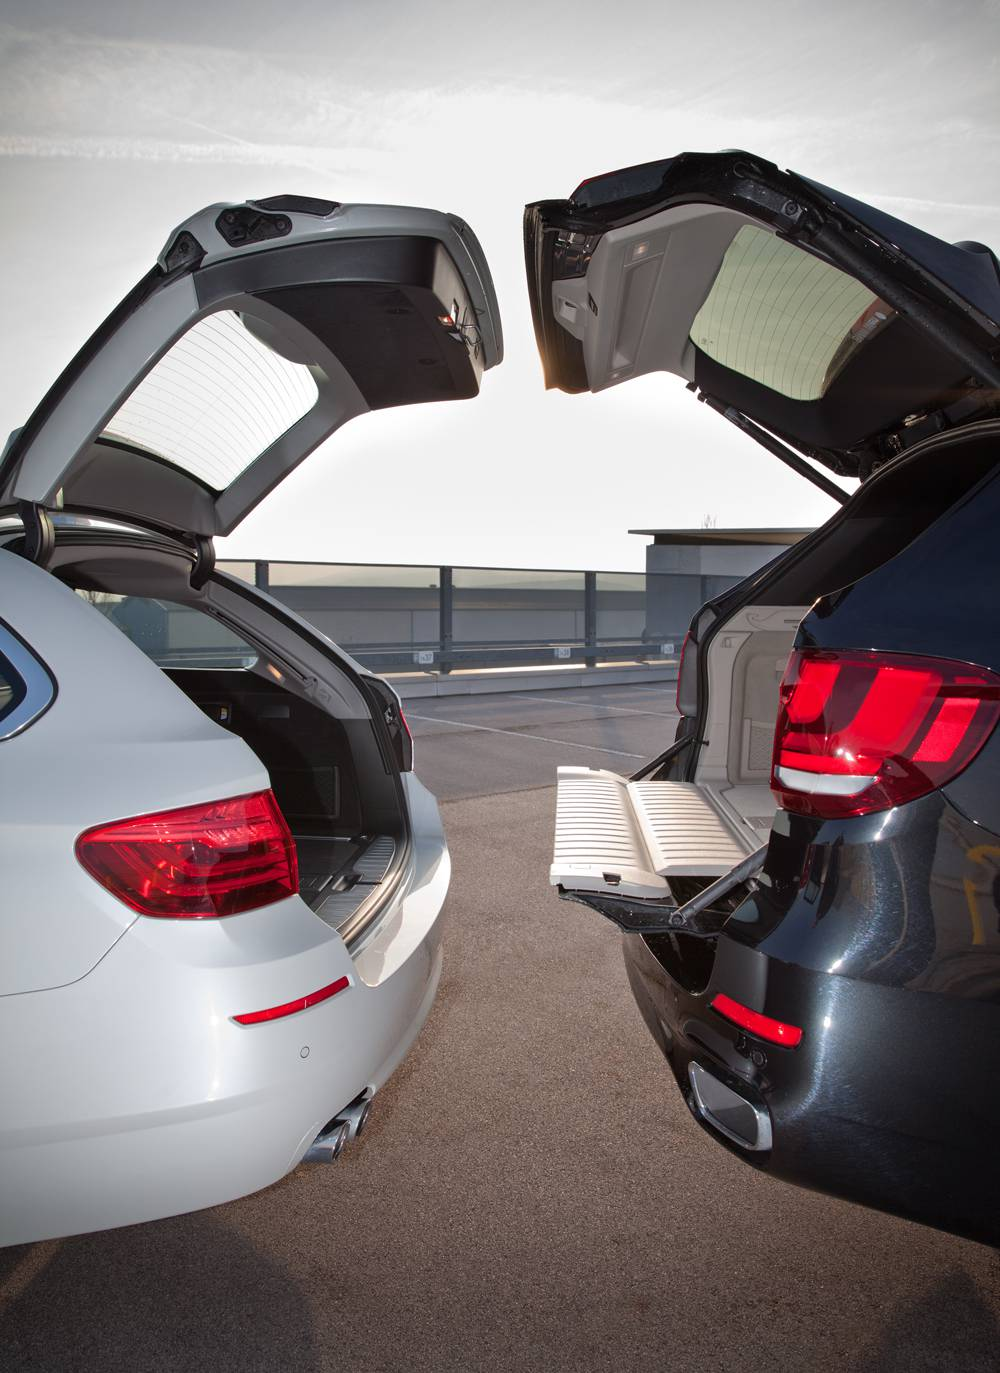 Vergleich Bmw X5 Vs Bmw 5er Touring Autorevue At